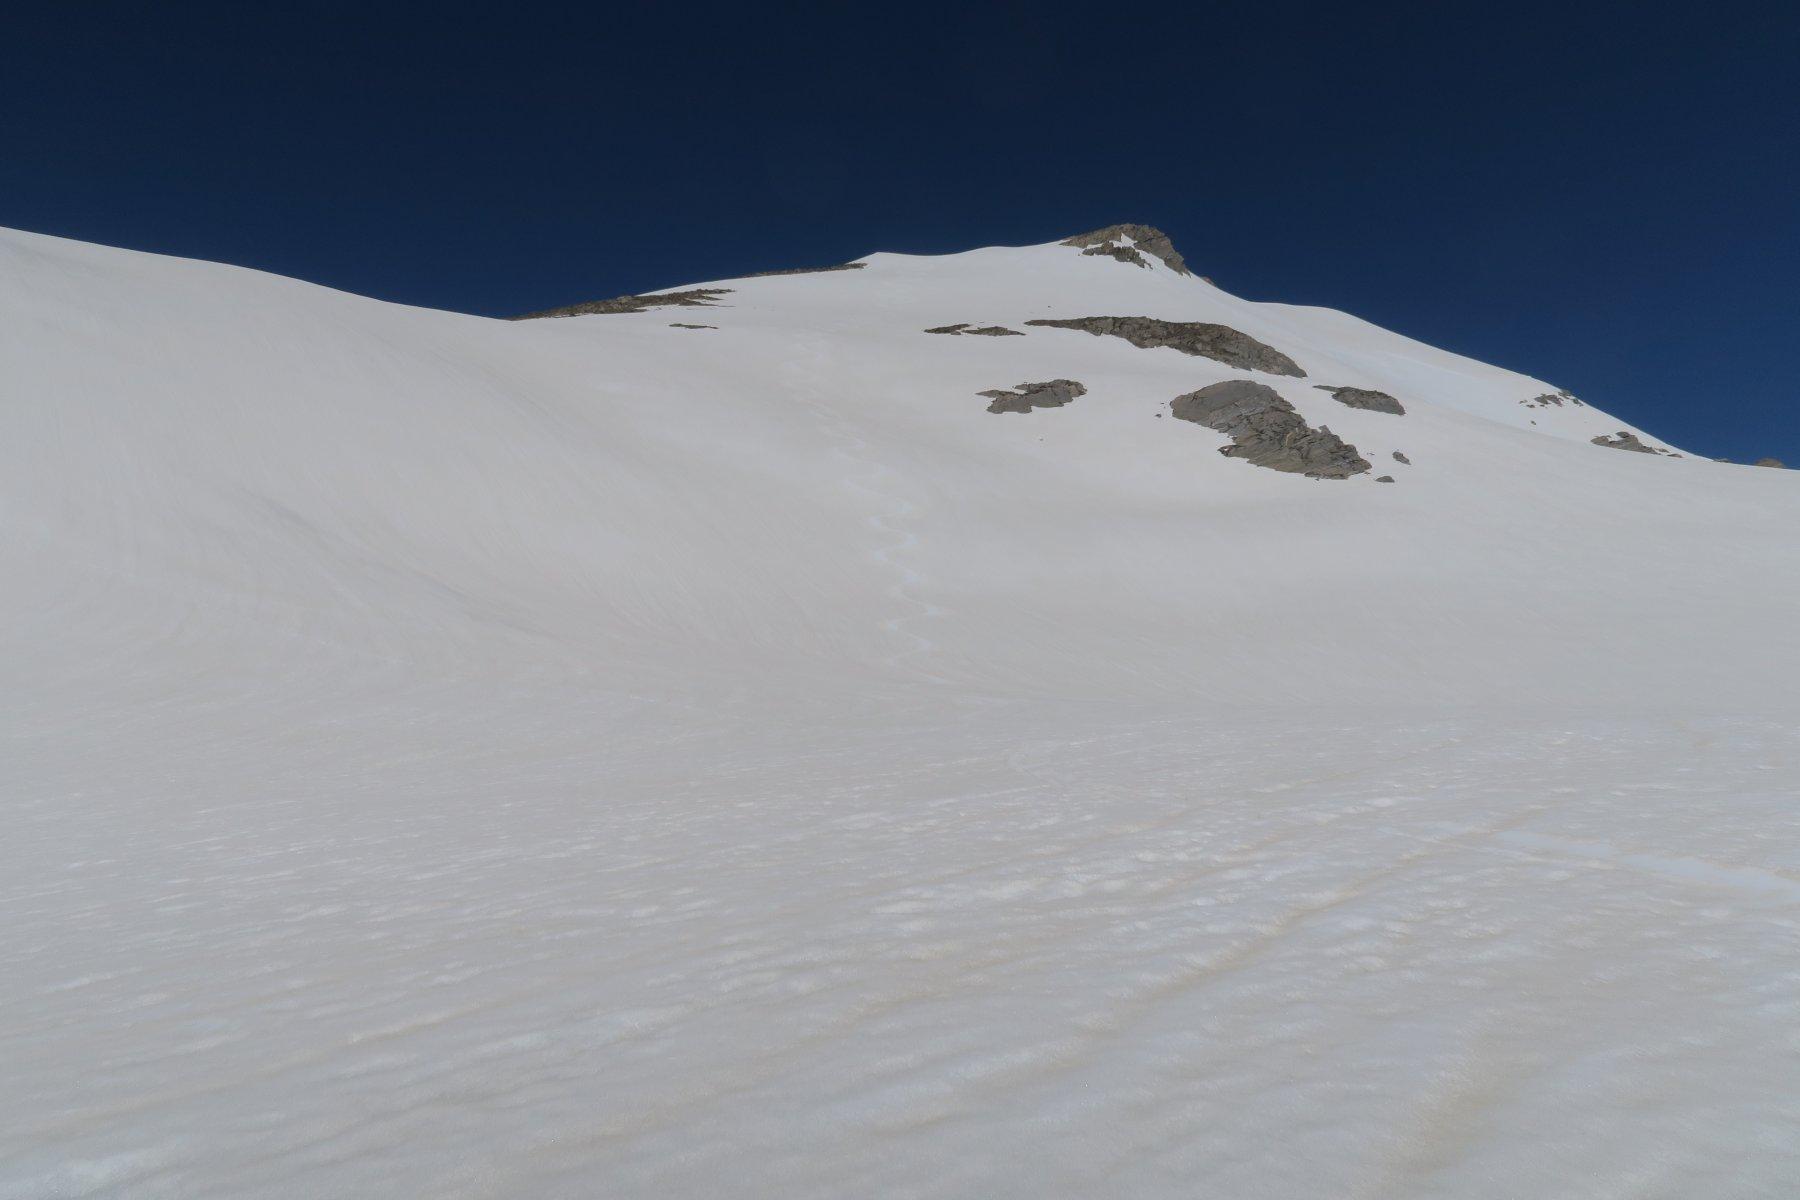 bella neve primaverile